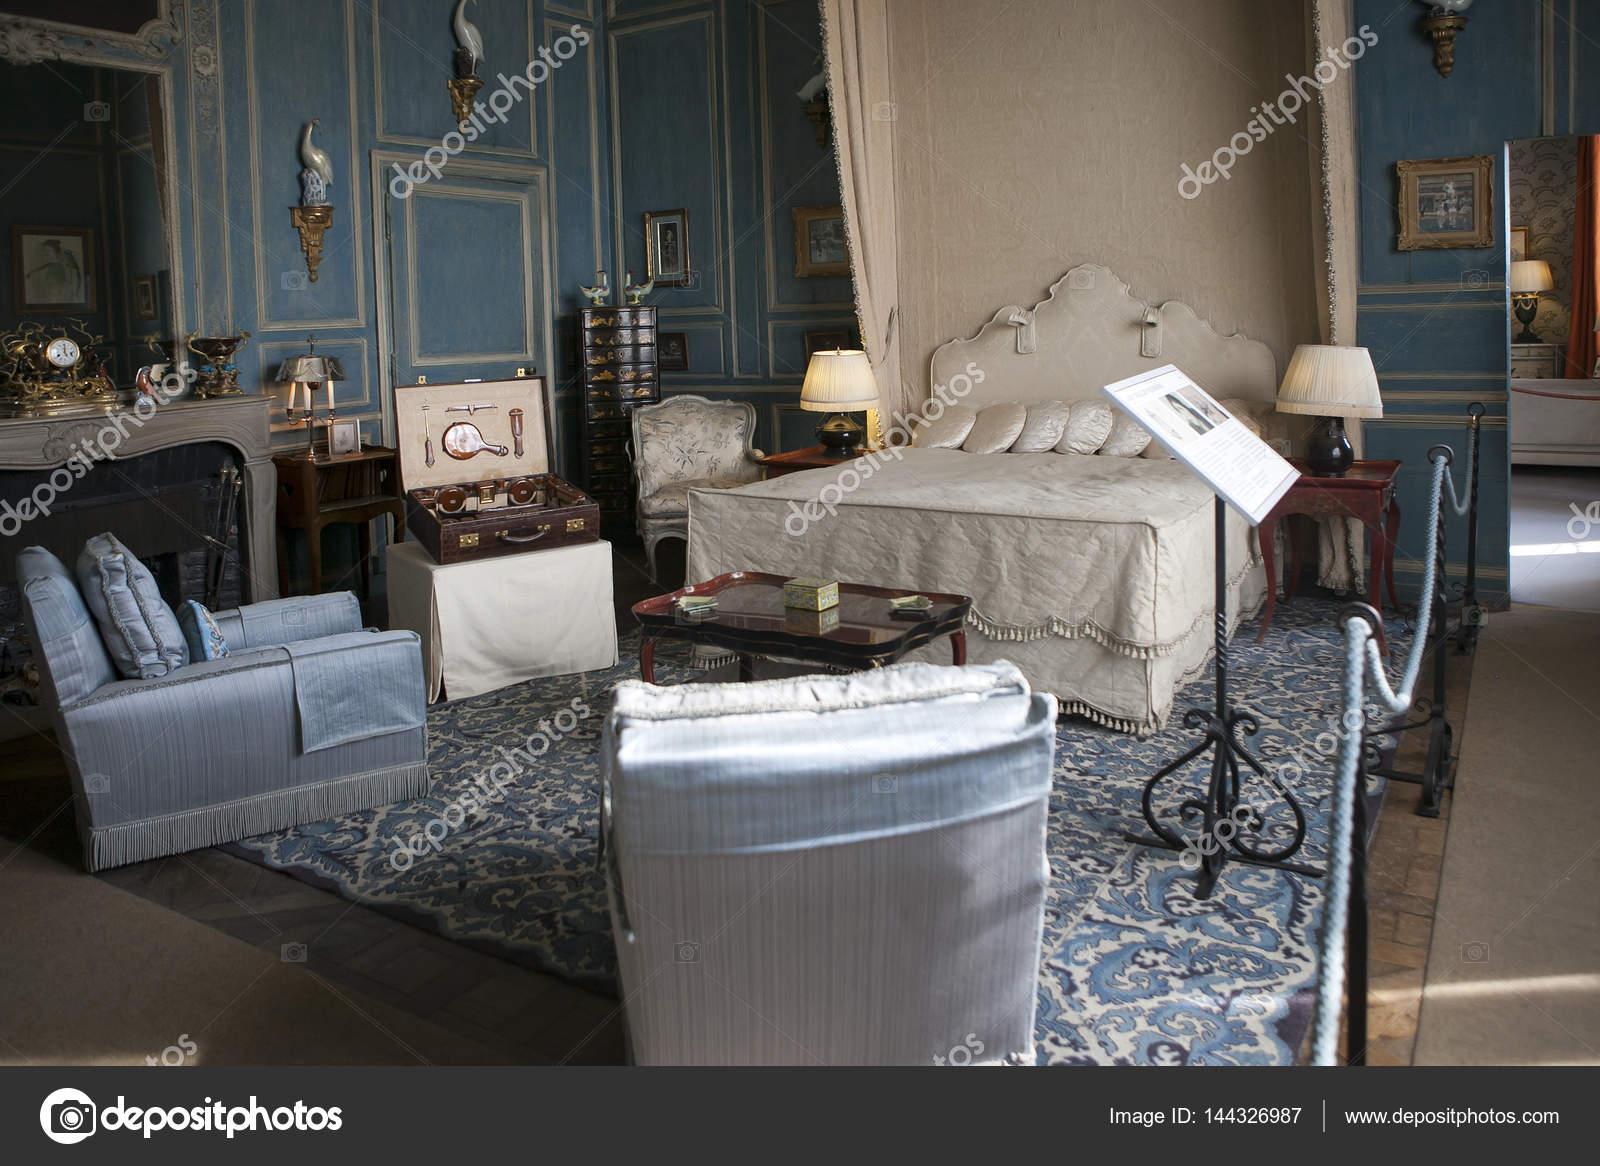 https://st3.depositphotos.com/3268323/14432/i/1600/depositphotos_144326987-stockafbeelding-typische-interieur-van-engelse-kasteel.jpg